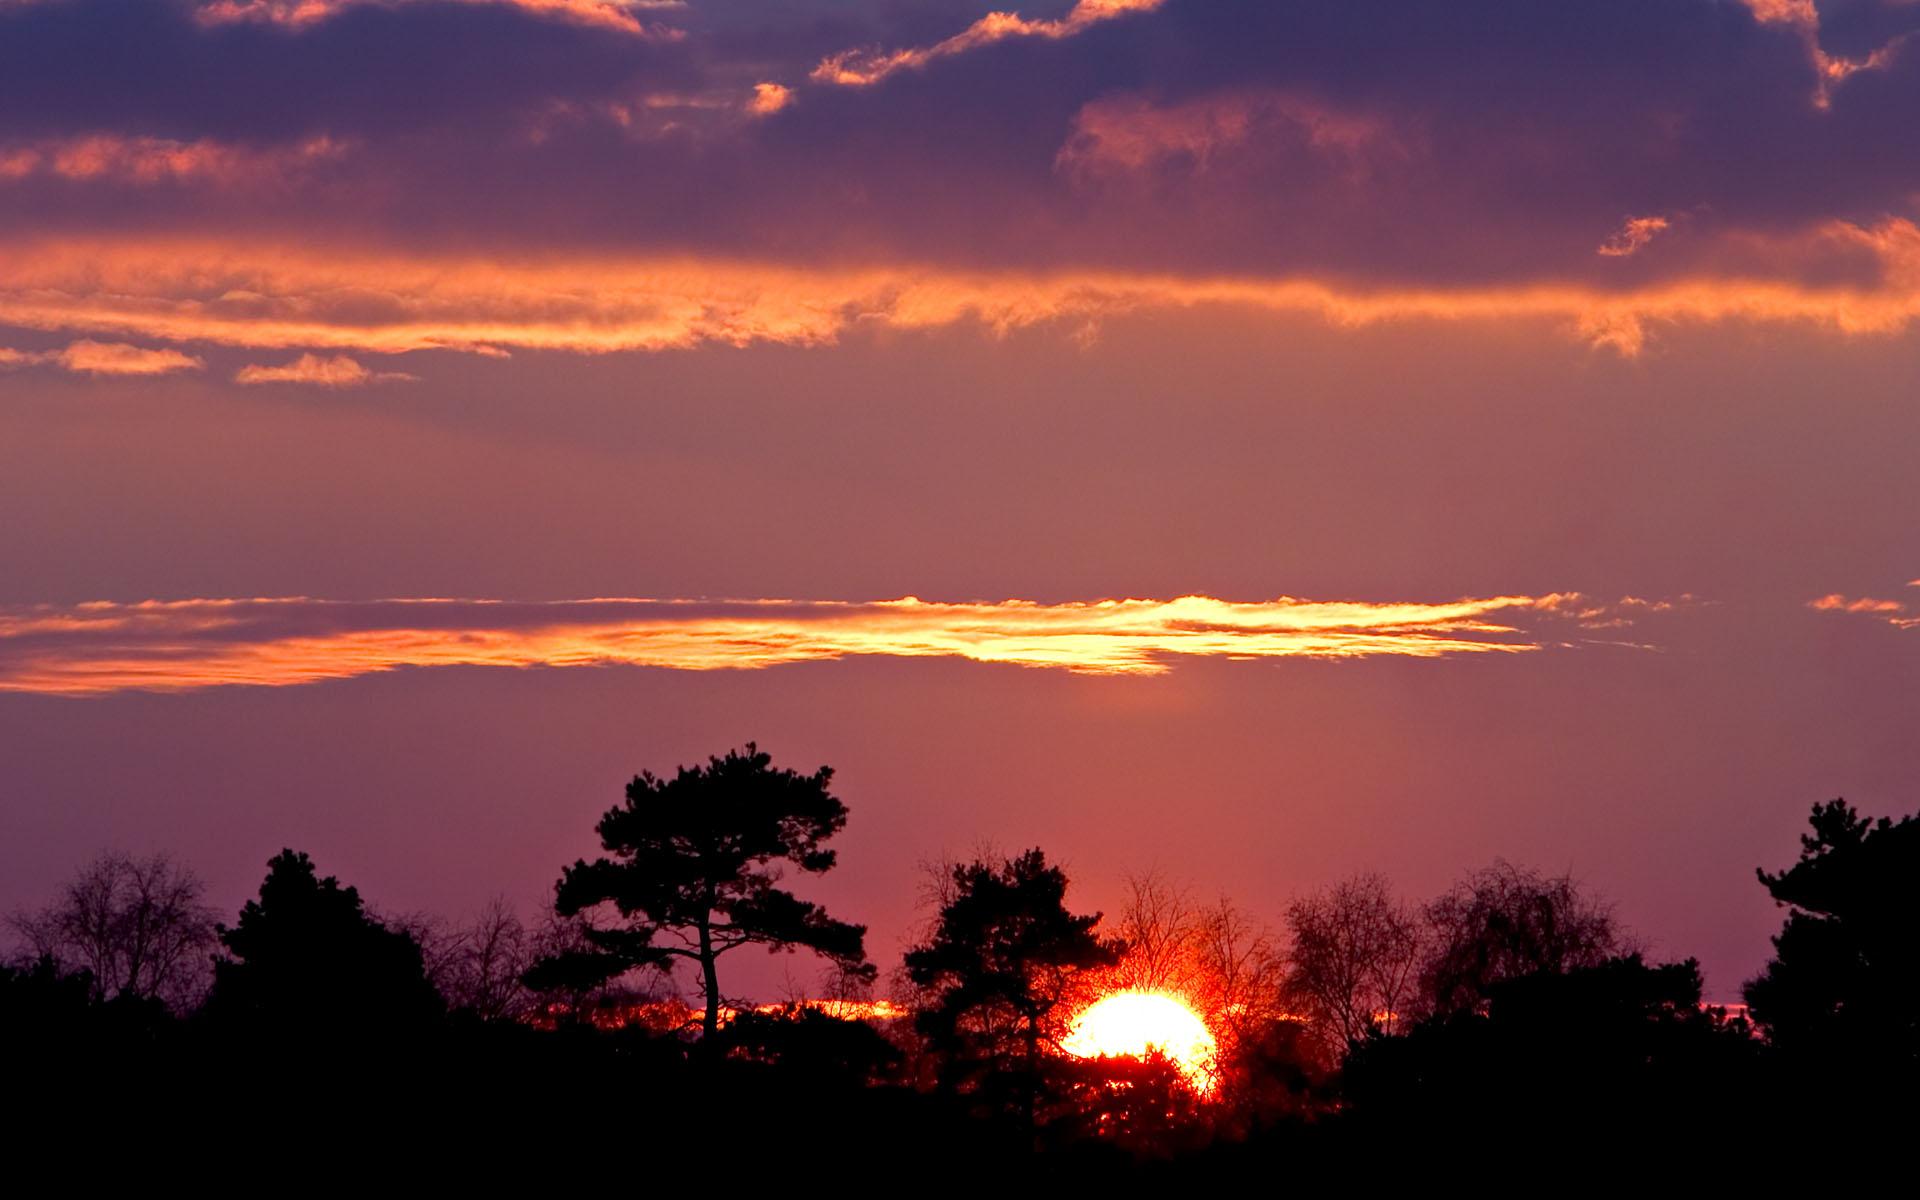 夕阳风景宽屏桌面壁纸图片